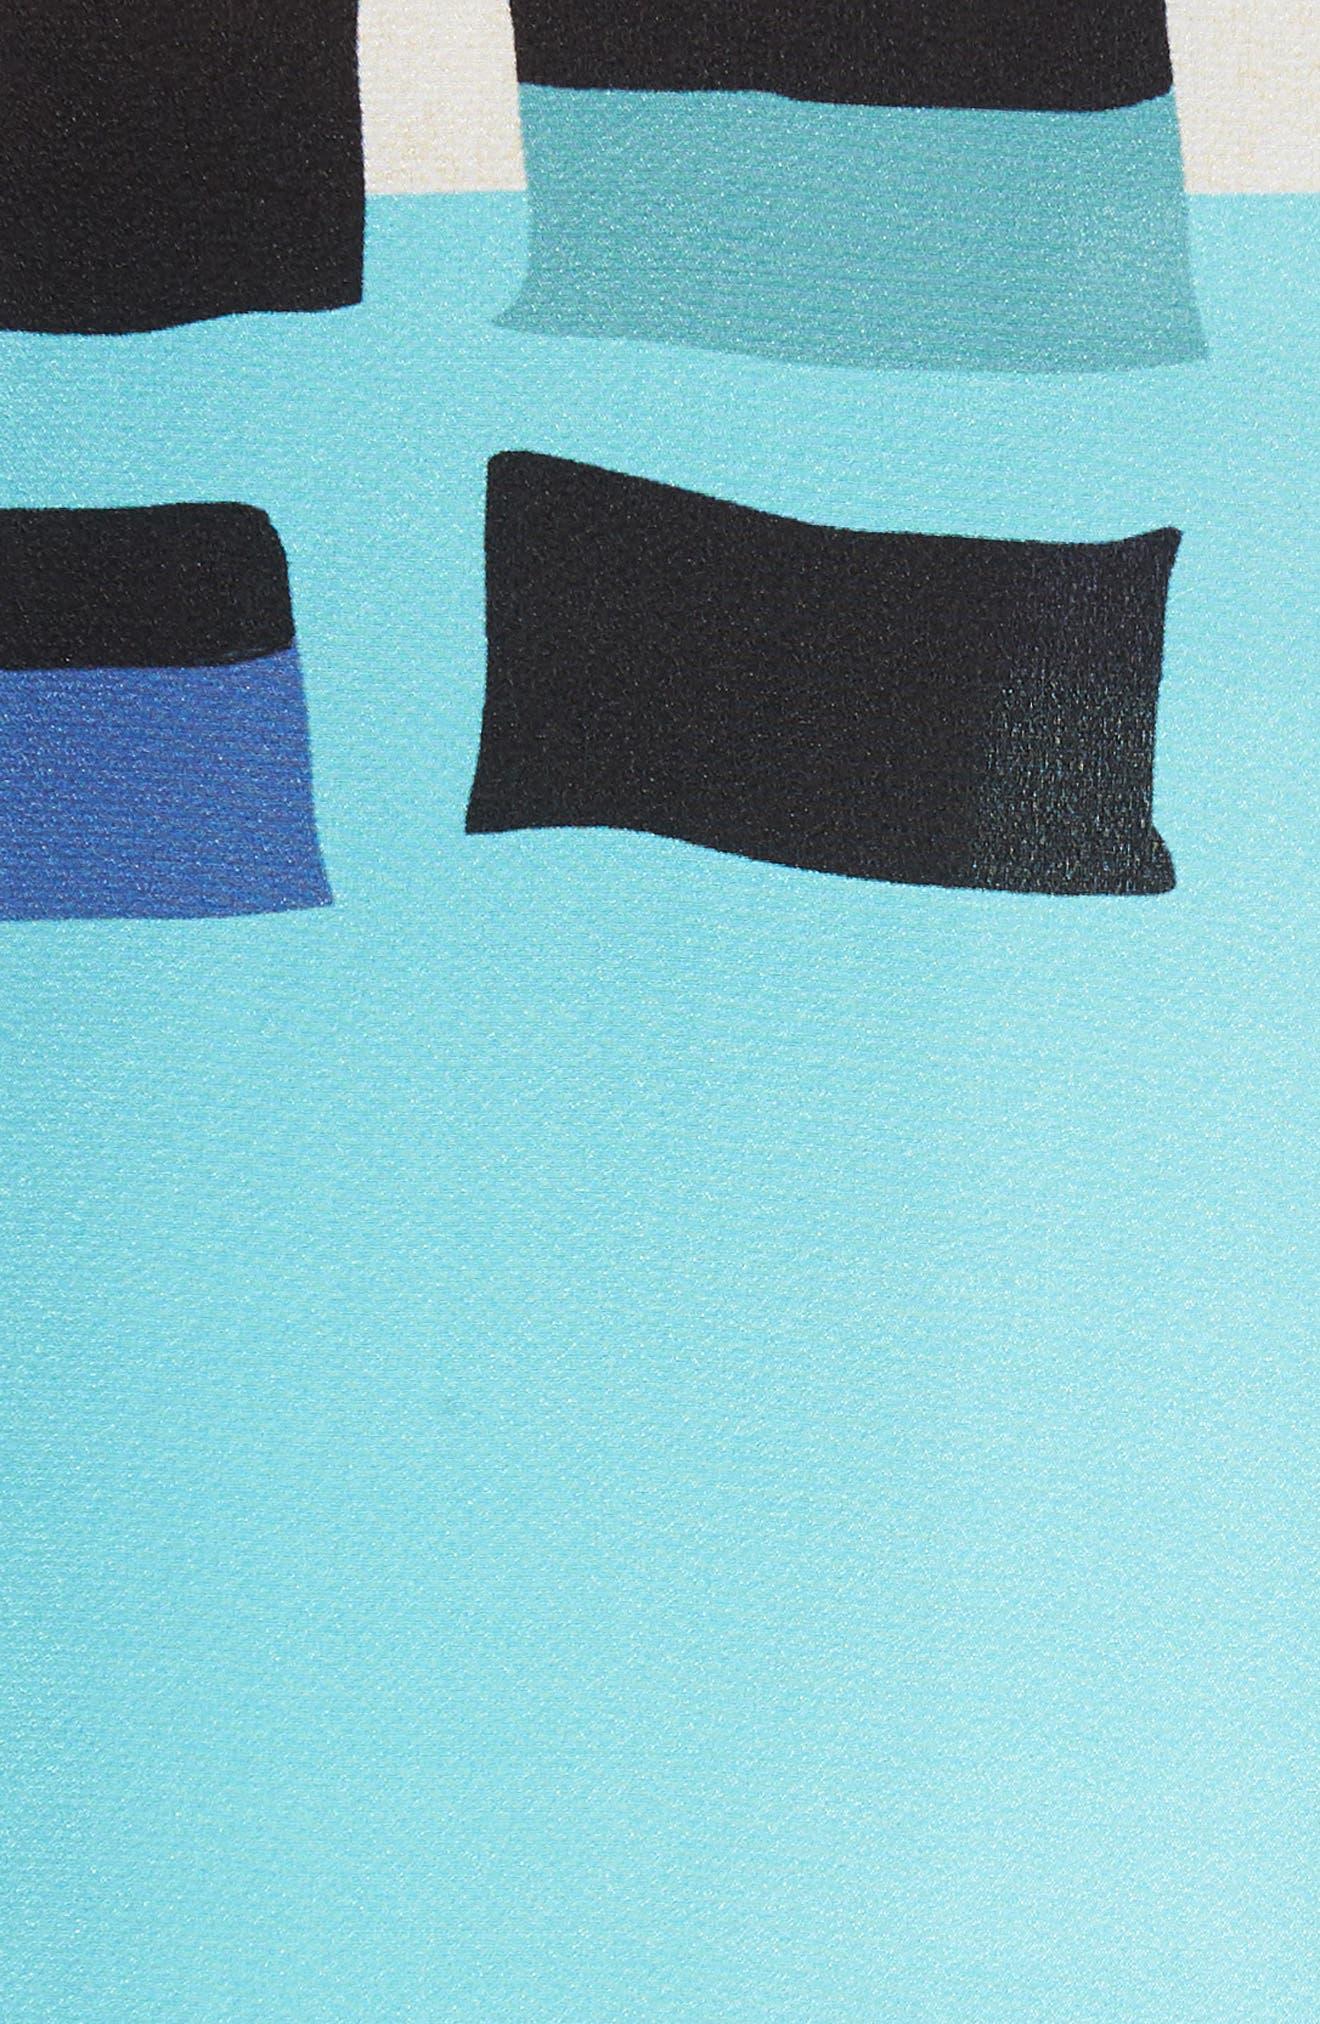 From Above Silk Blend Skirt,                             Alternate thumbnail 4, color,                             Multi